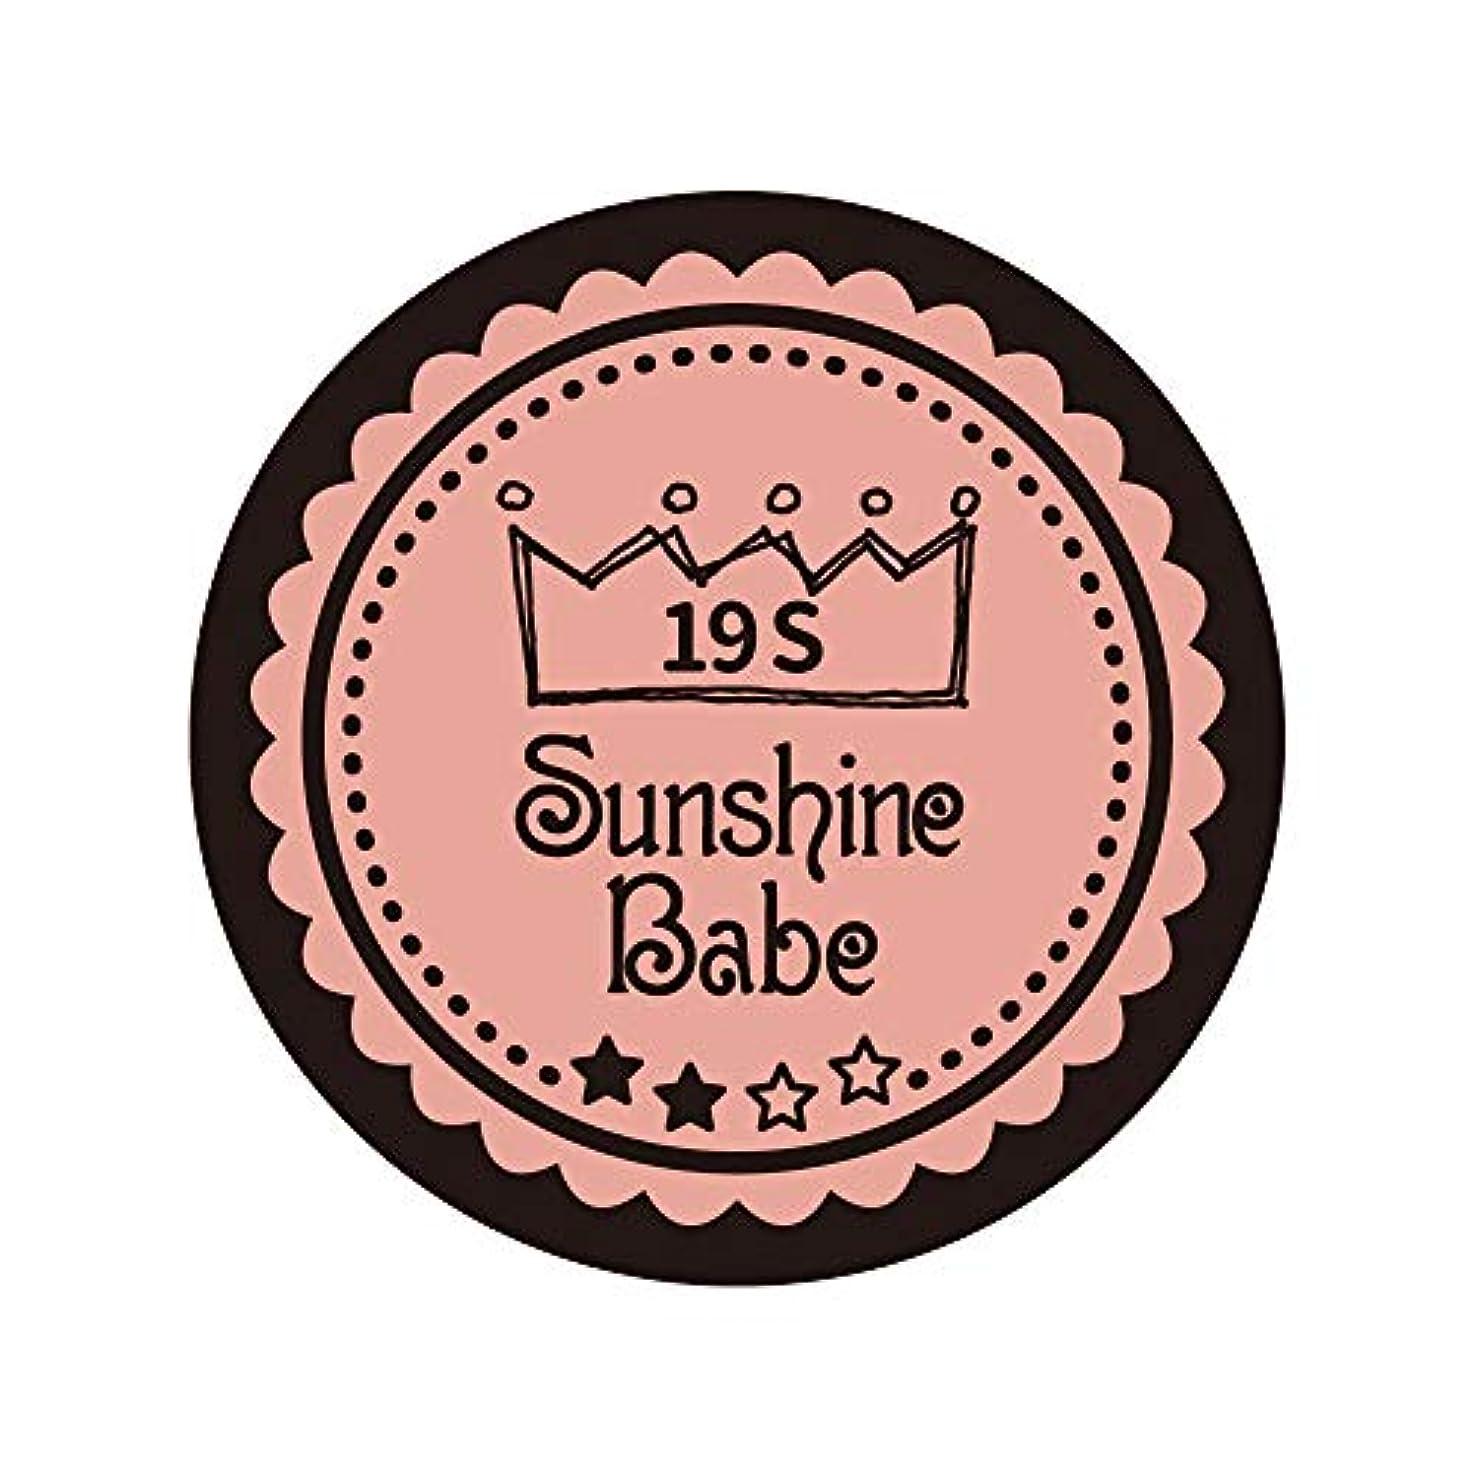 通行料金脱獄ダイジェストSunshine Babe カラージェル 19S ローズカシュ 2.7g UV/LED対応